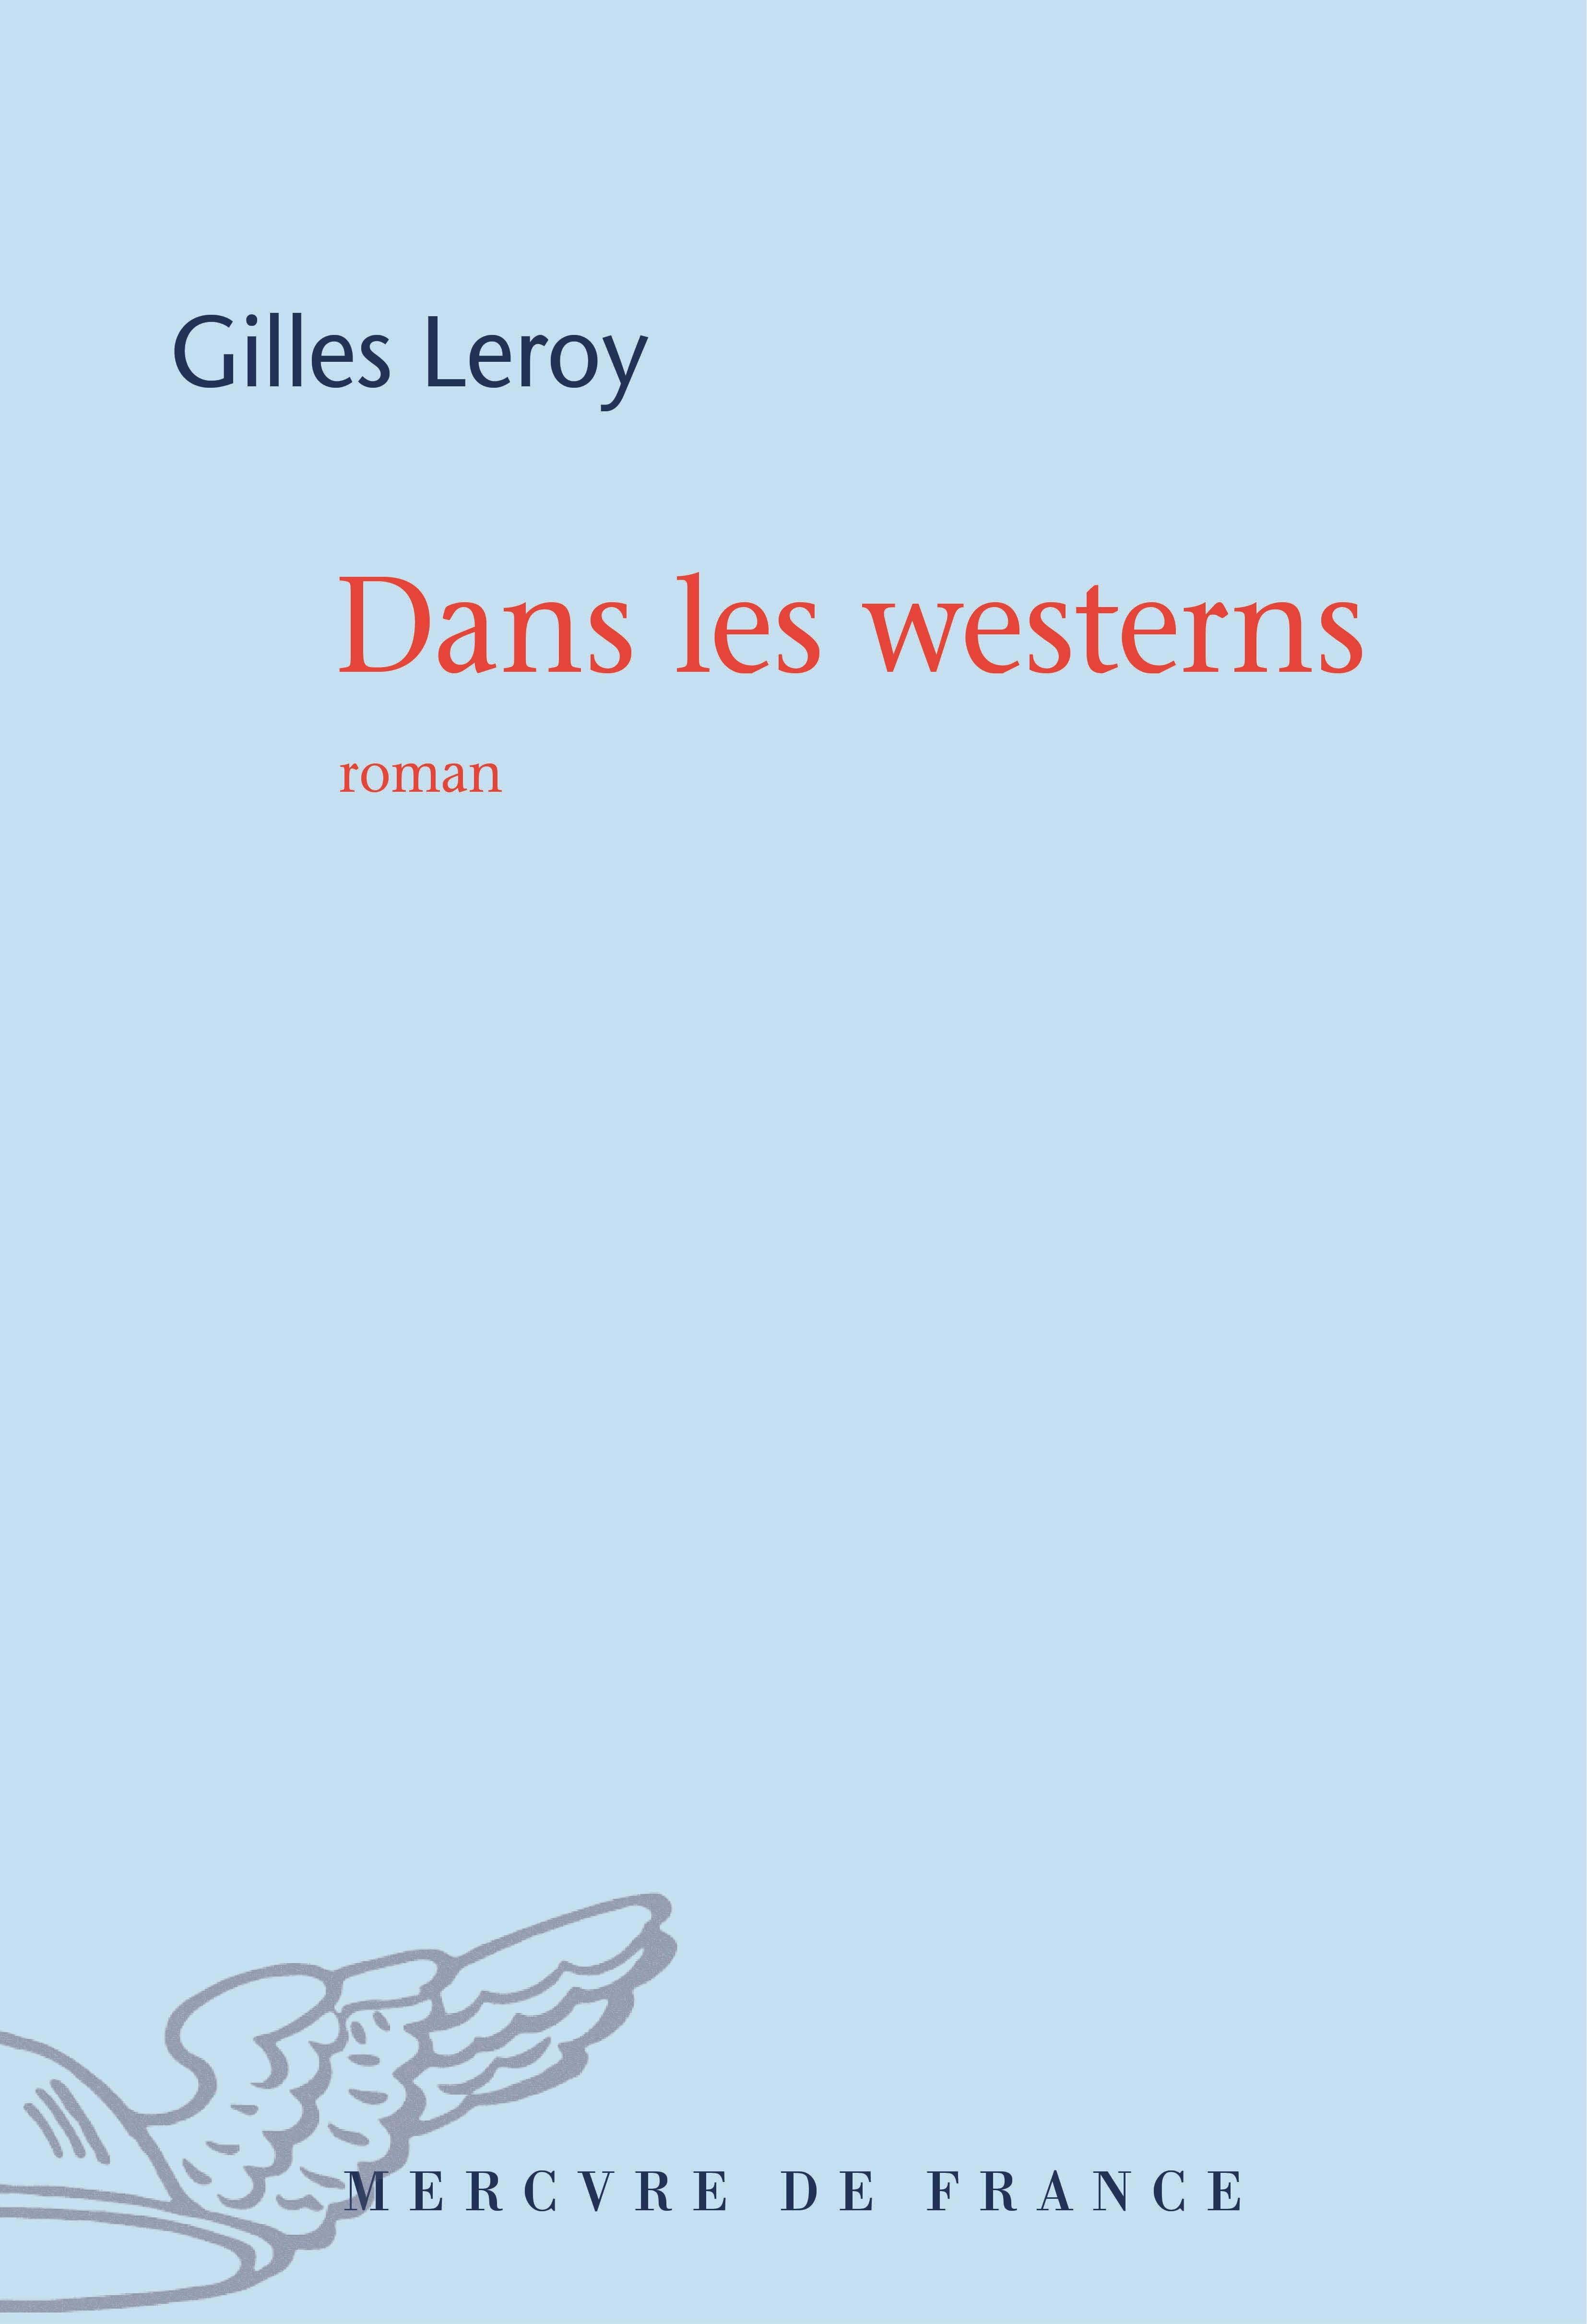 Dans les westerns | Leroy, Gilles